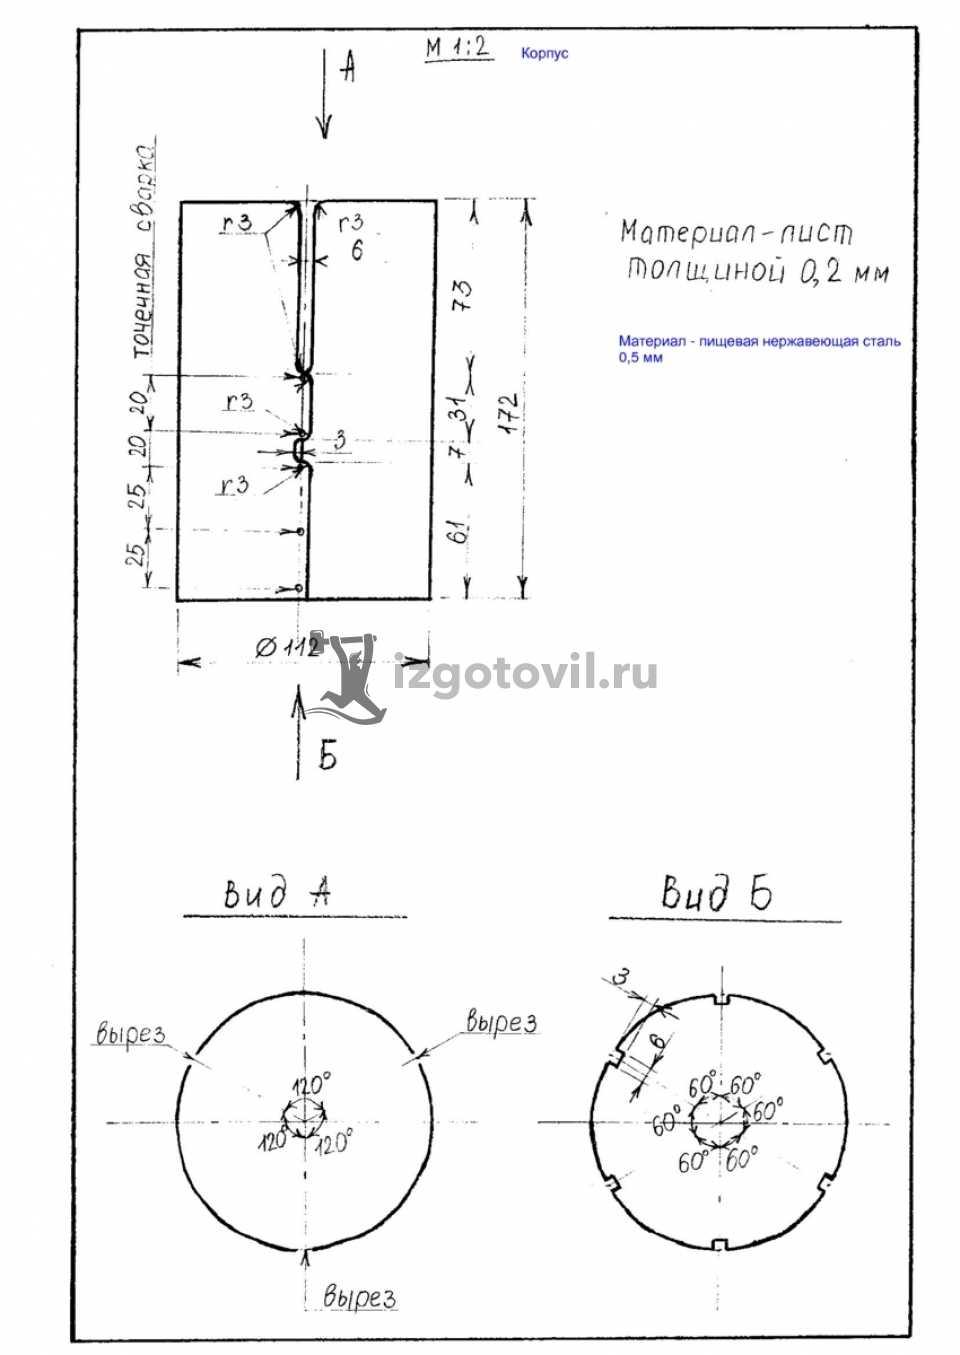 Резка и гибка металла по чертежу заказчика